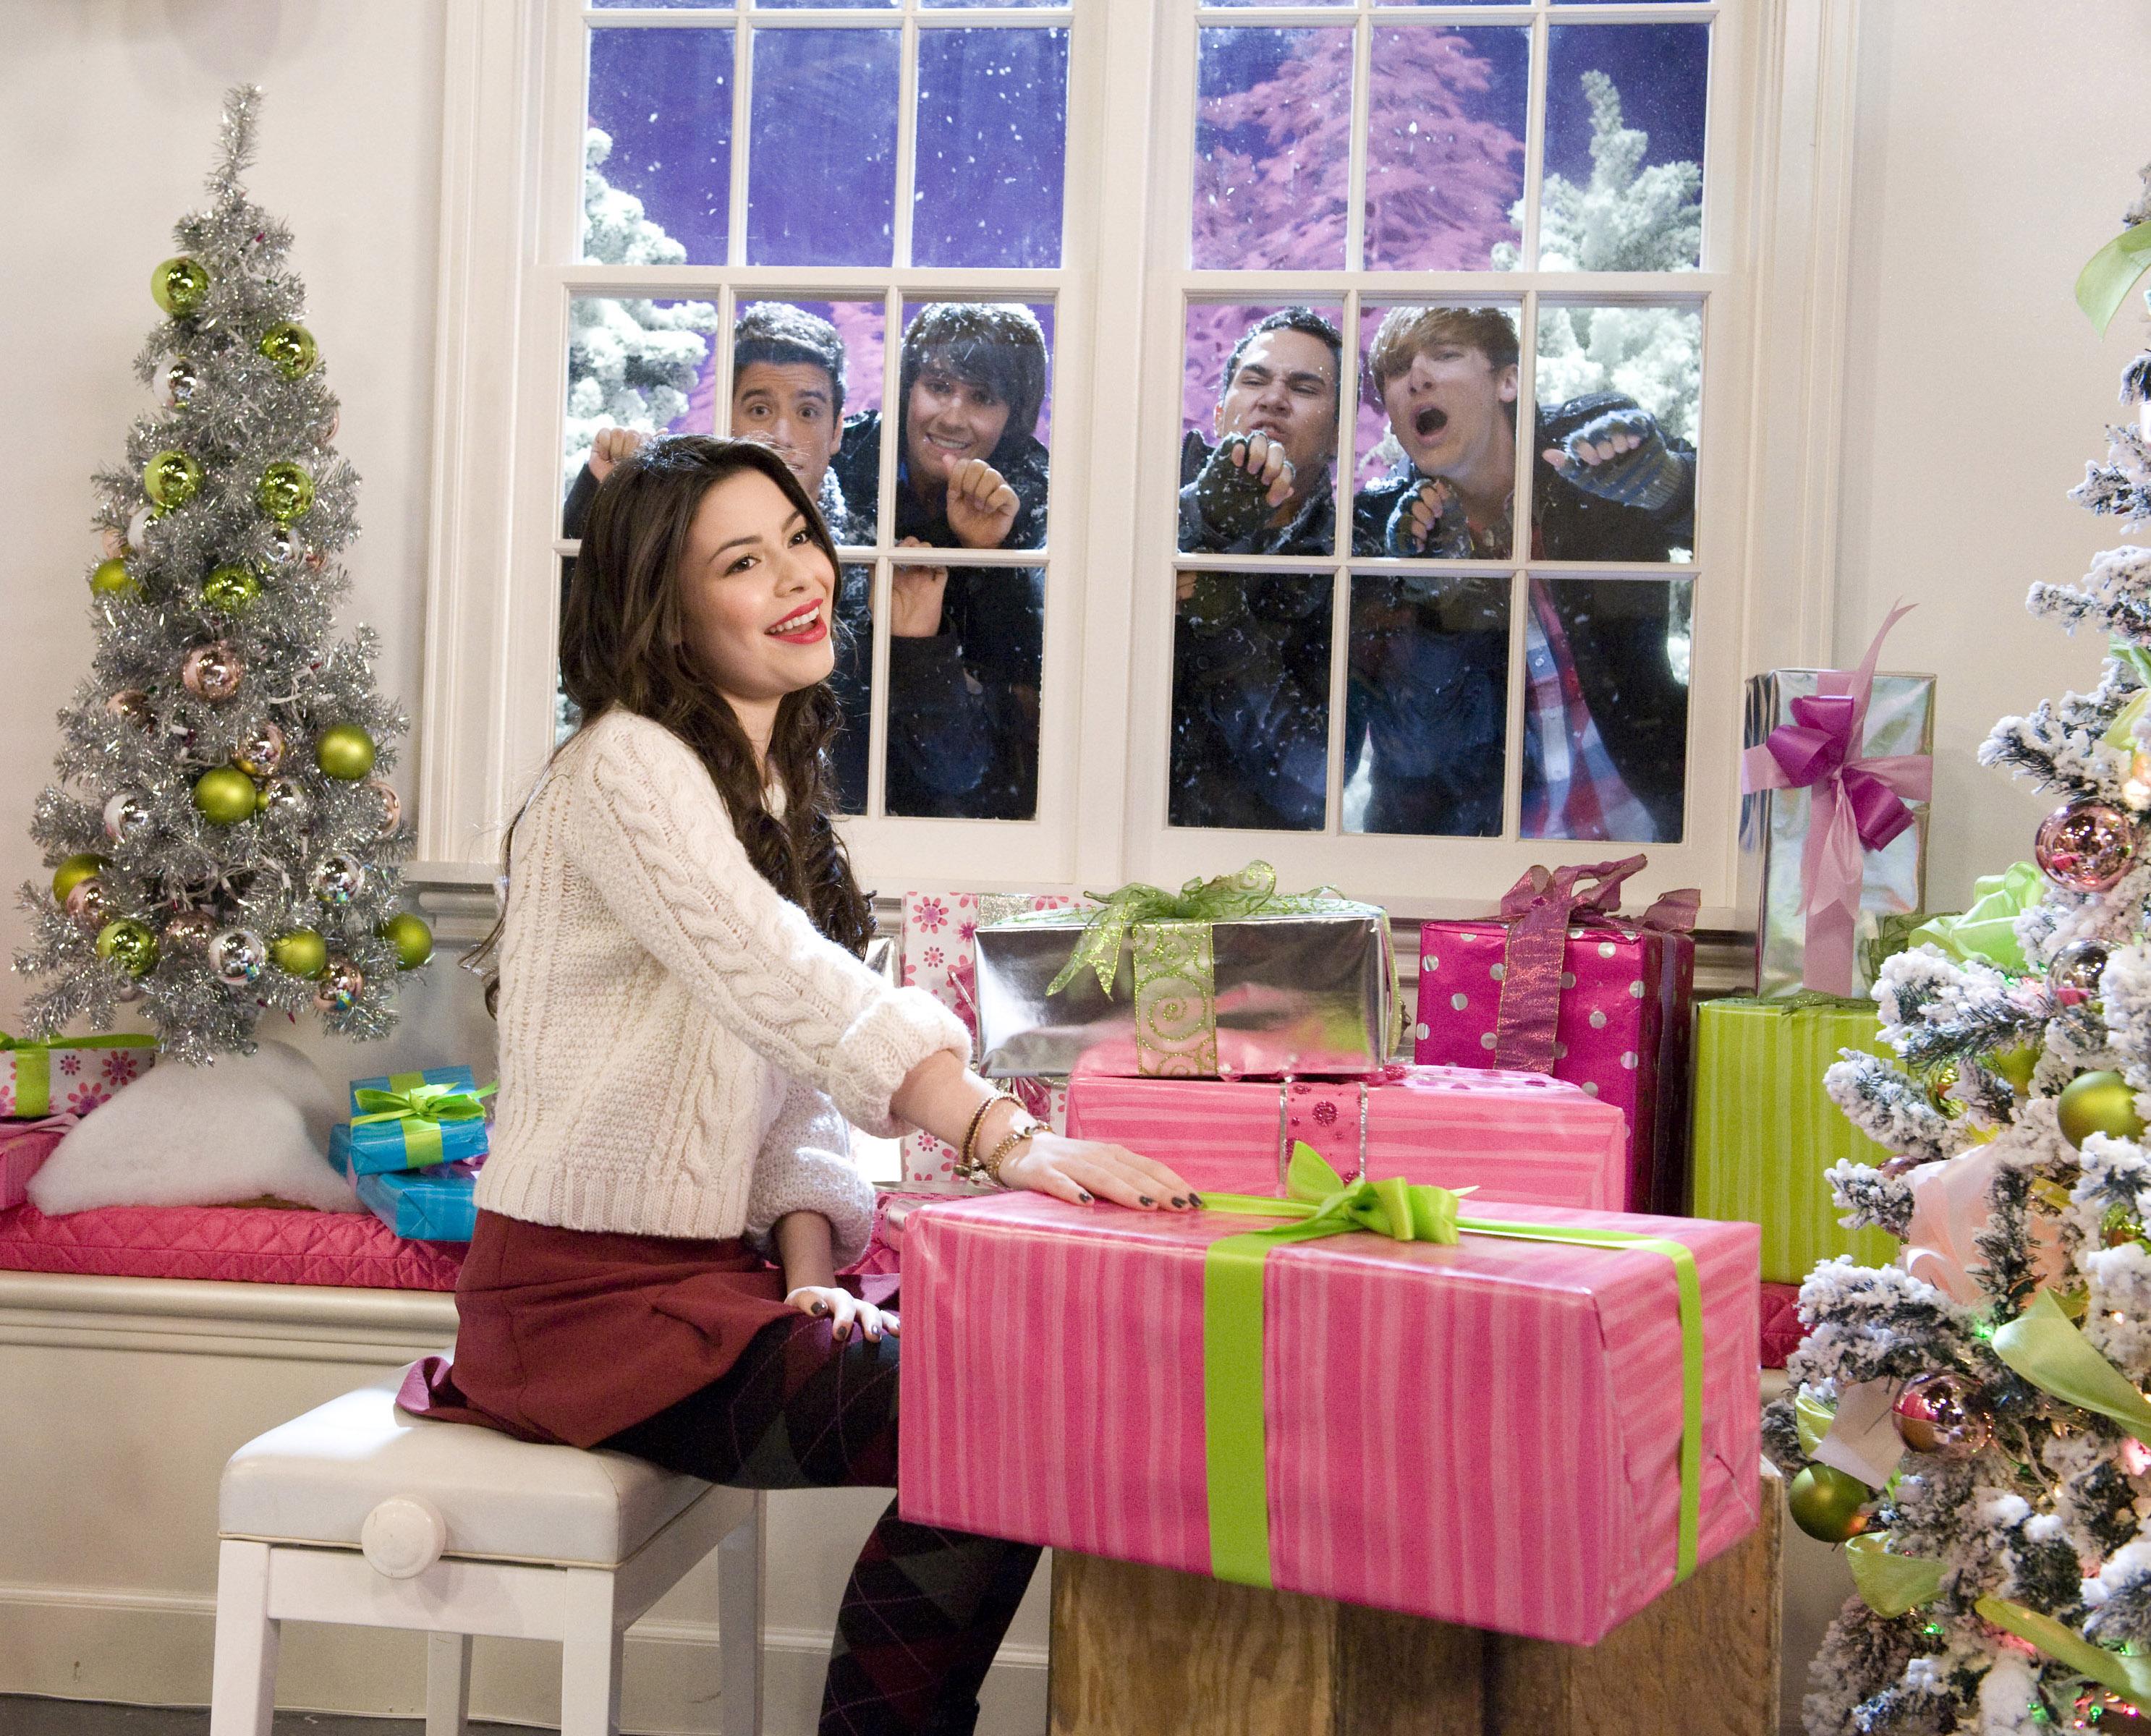 wallpapers id636999 - Big Time Rush Beautiful Christmas